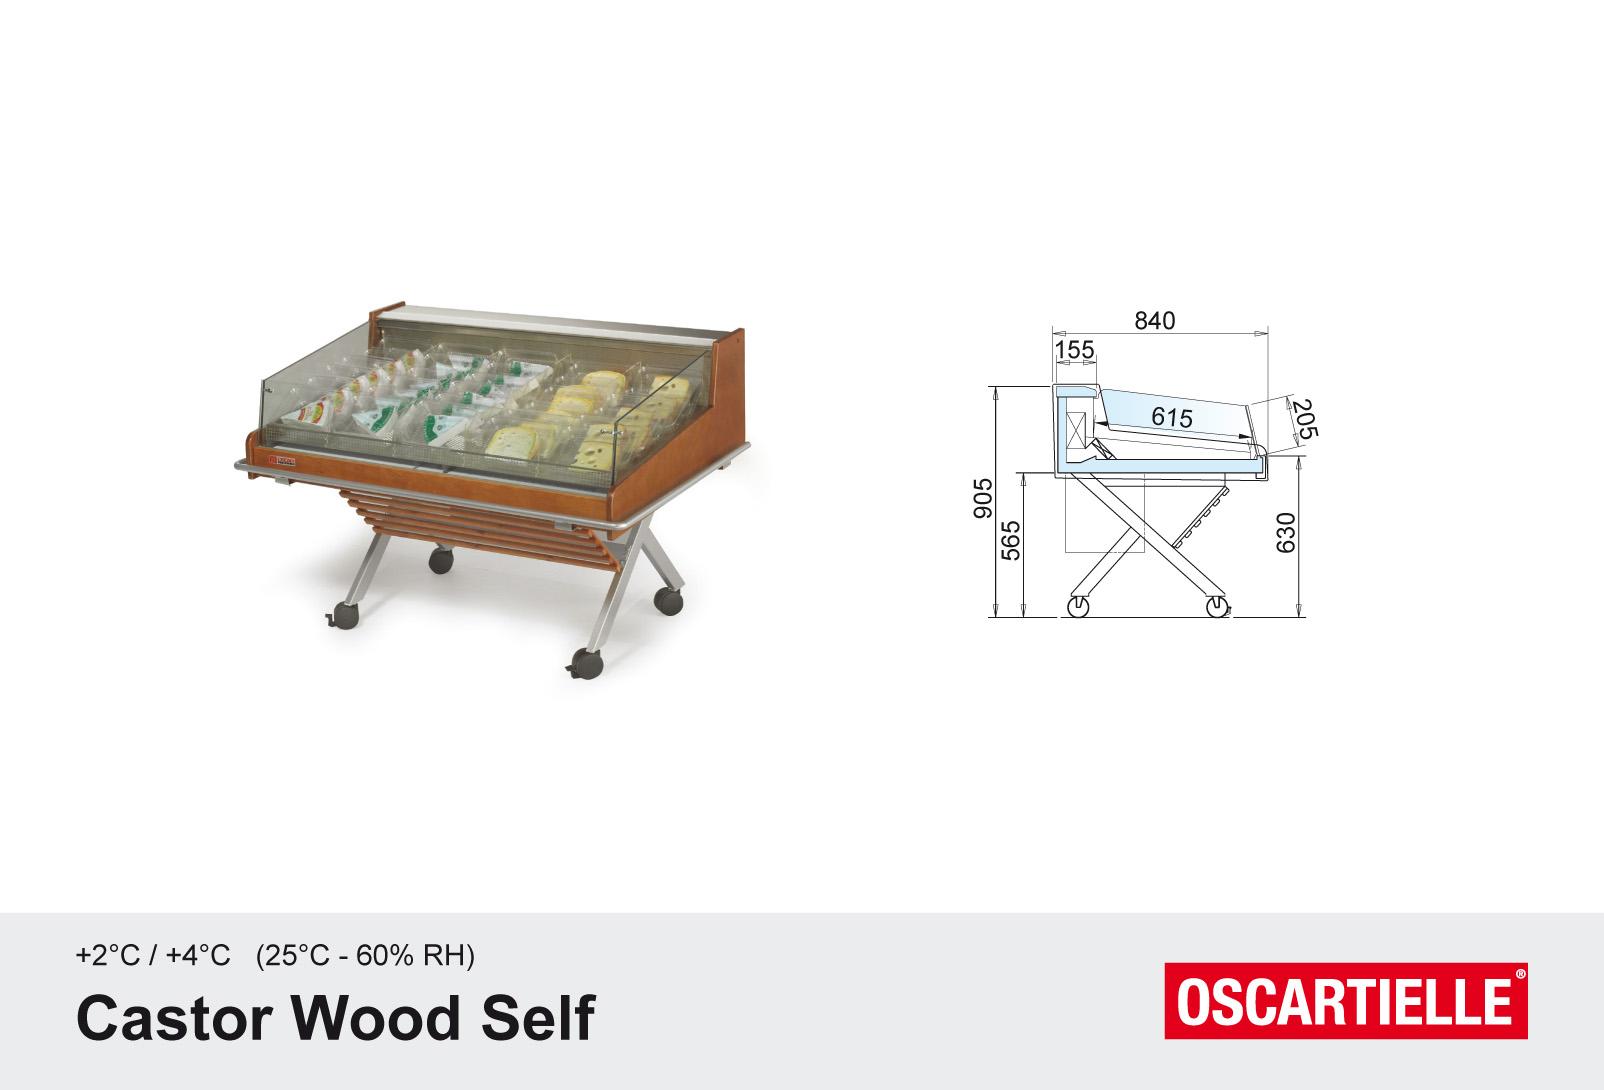 Castor Wood